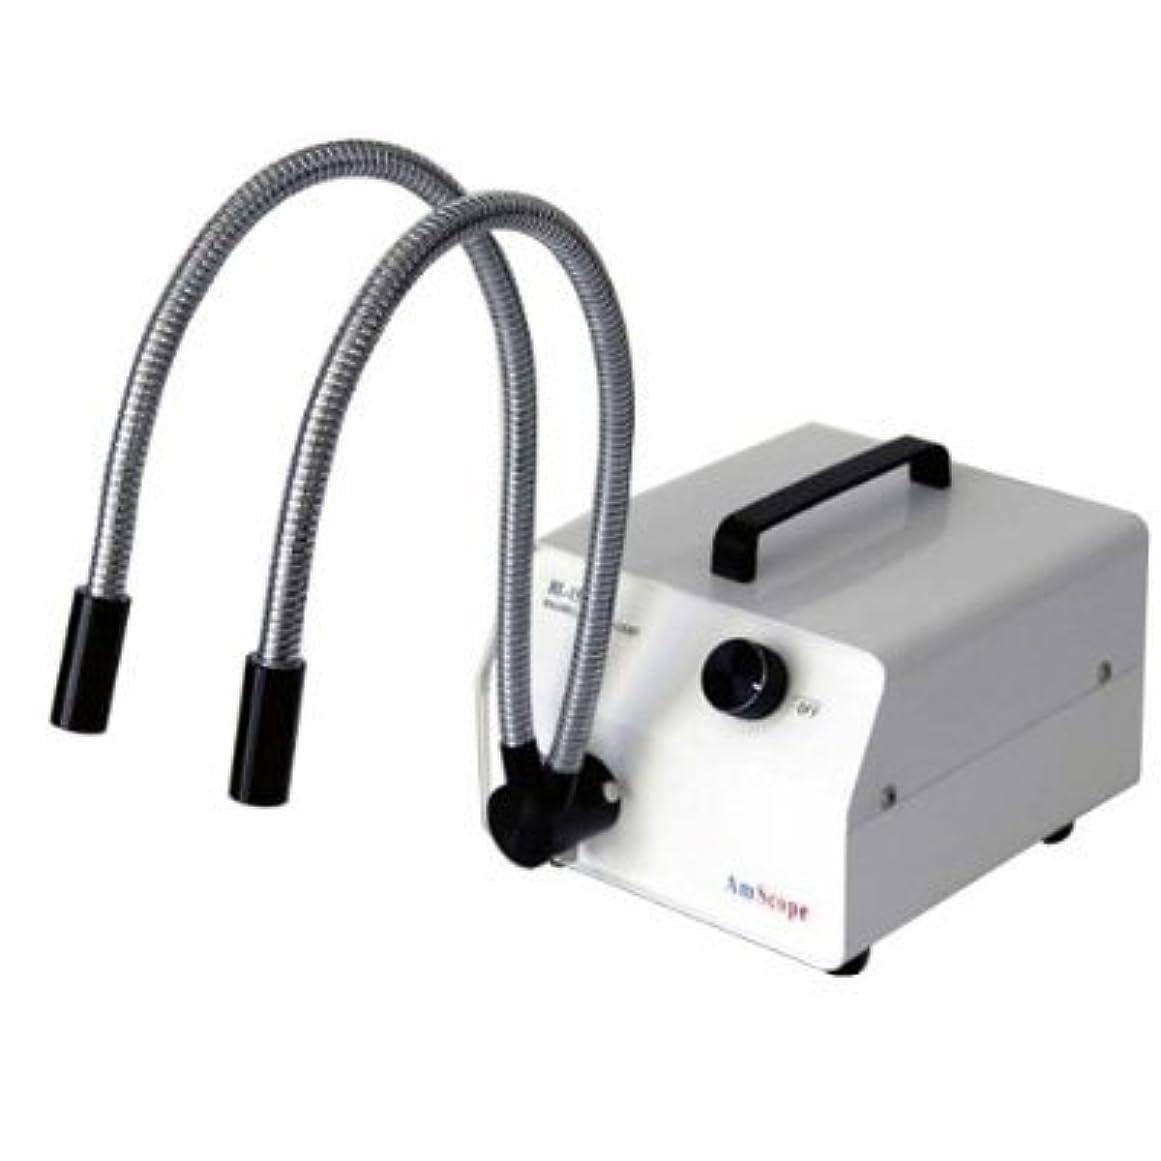 静かな近くキャベツAmscope HL150-AY 150W Fiber Optic Dual Gooseneck Microscope Light Illuminator おもちゃ [並行輸入品]